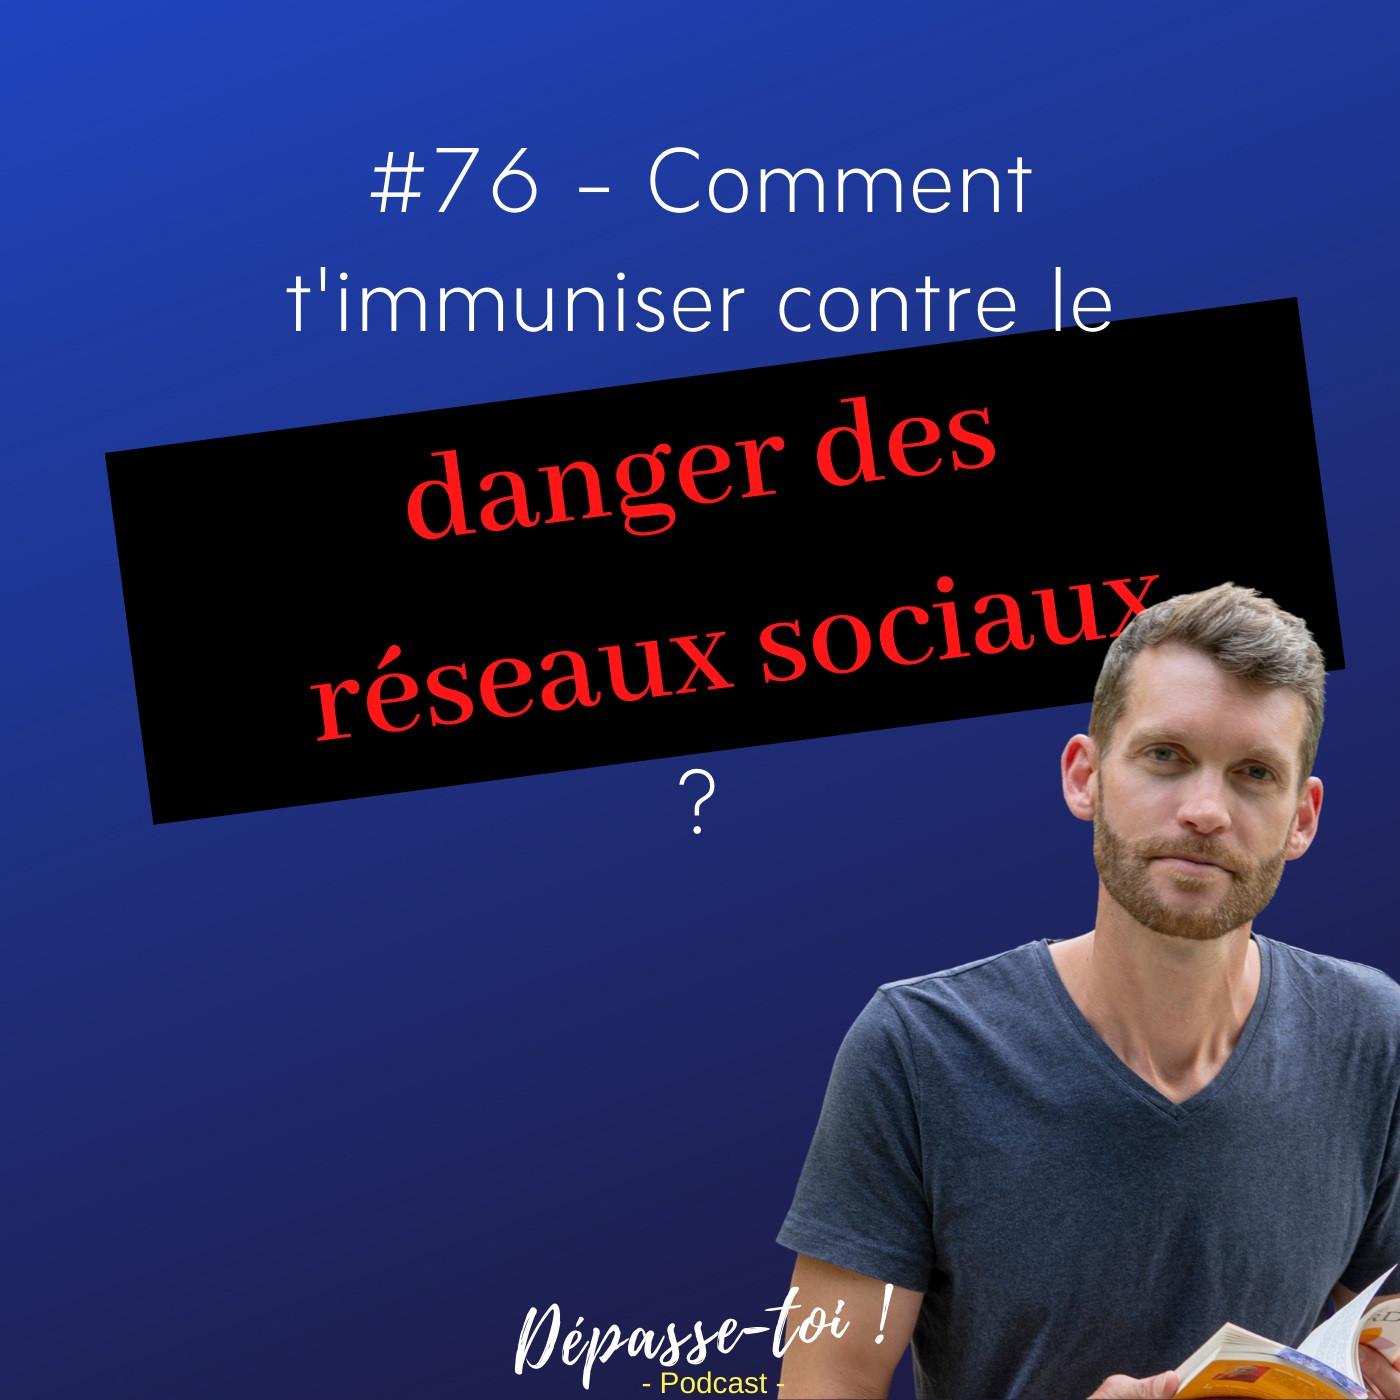 #76 - Comment t'immuniser contre le danger des réseaux sociaux ?